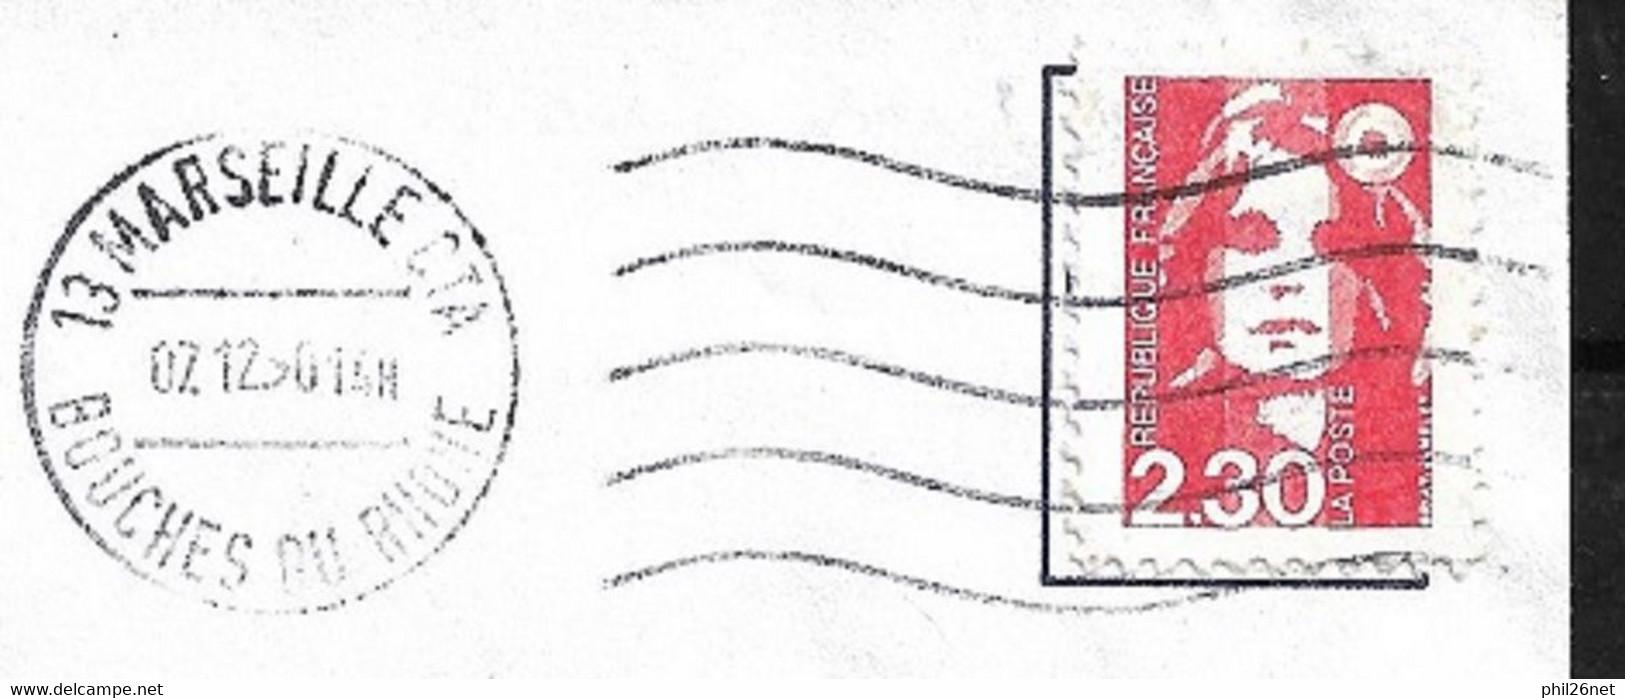 FRANCE Rare Le N°2614f  (Dallay N°2660c) Faux De Marseille Pour Tromper La Poste Sur Lettre Circulée Le 07/12/1990 ! ! ! - Varieties: 1980-89 Used